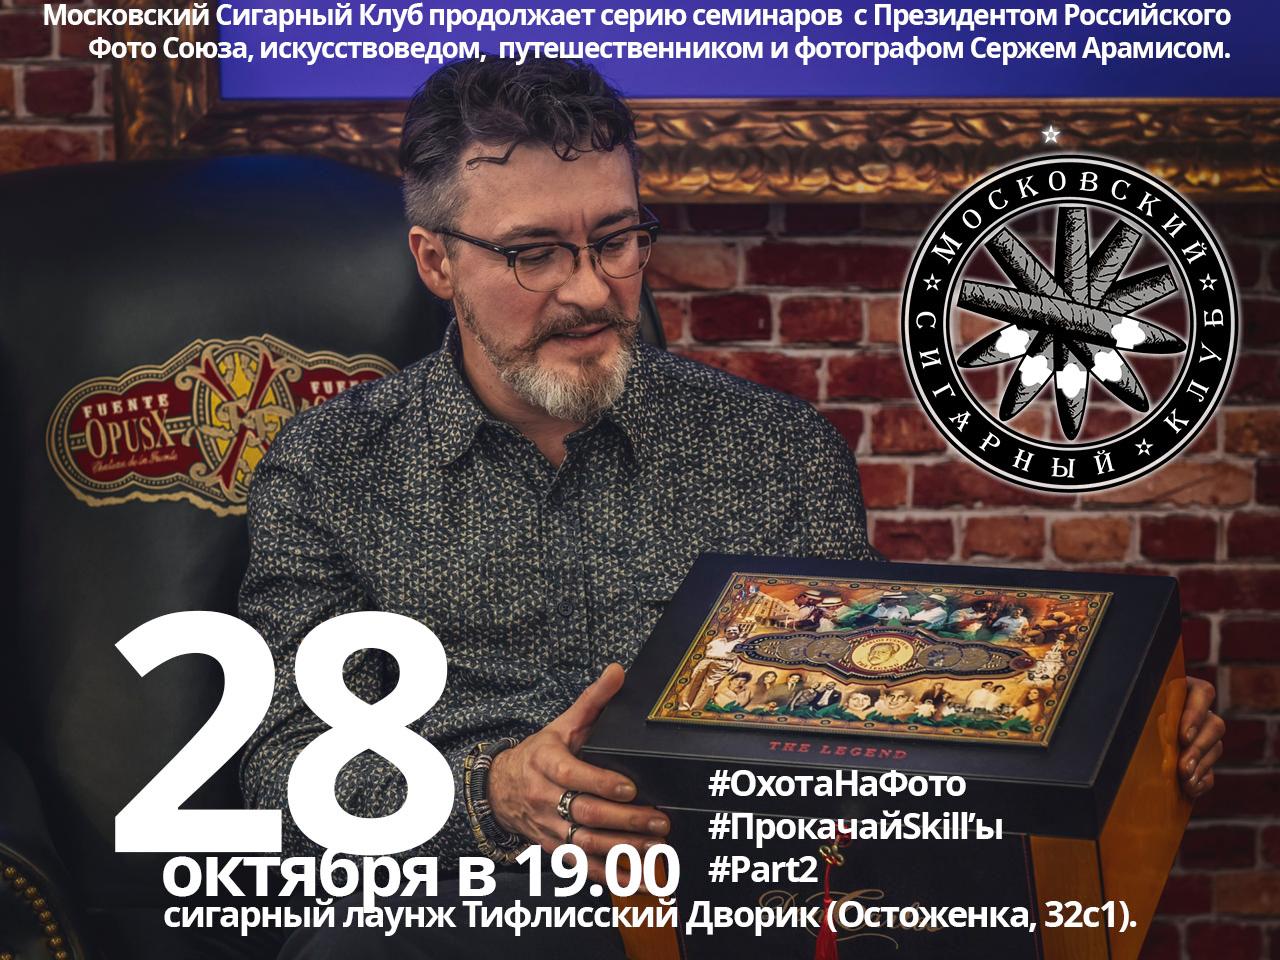 28 октября — МСК в Тифлисском Дворике с Президентом Российского Фото Союза, искусствоведом, путешественником и фотографом Сержем Арамисом.